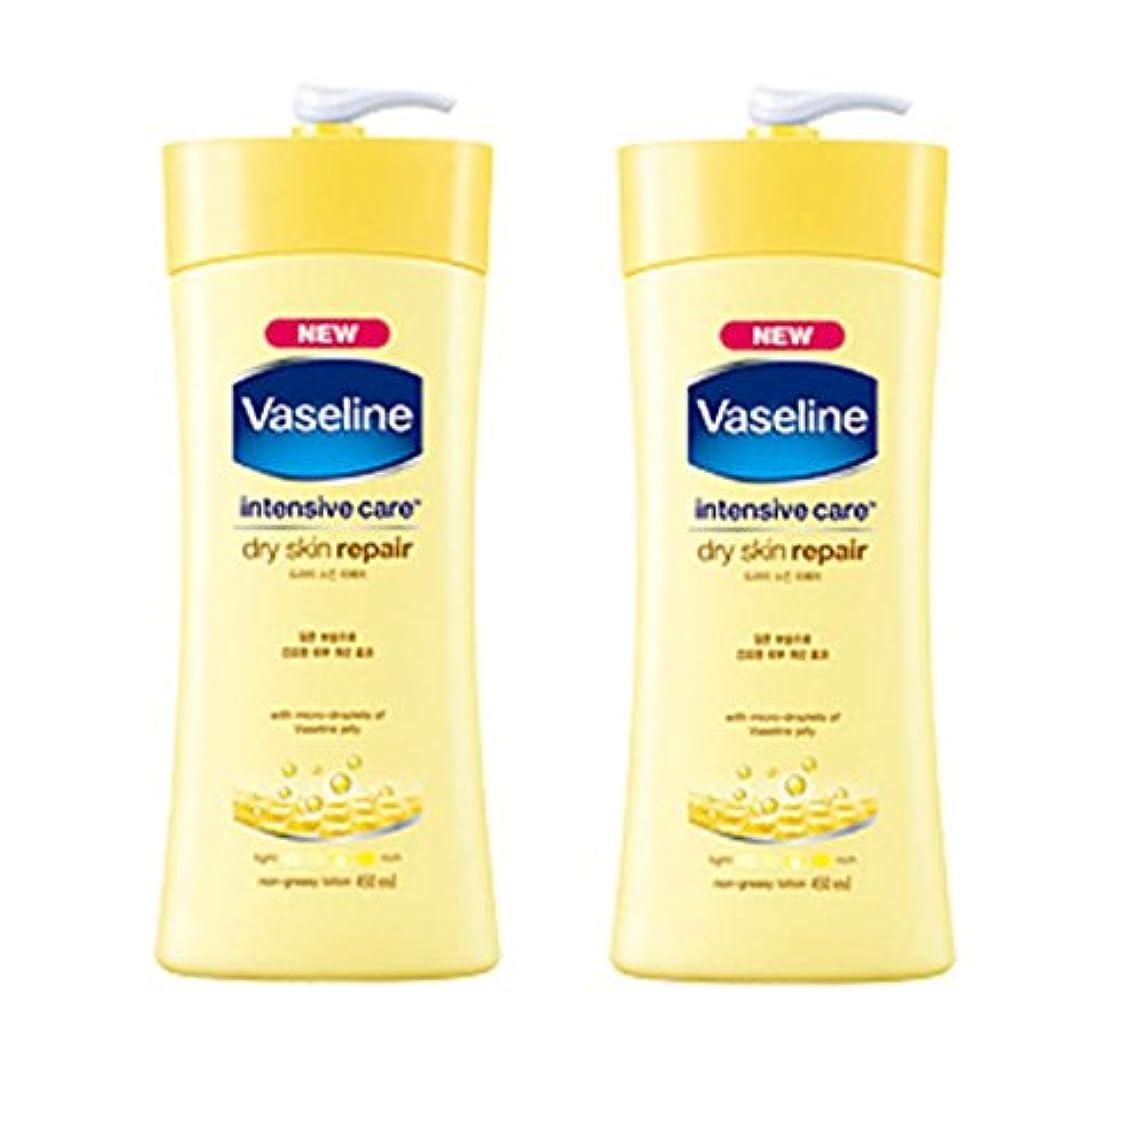 曖昧な無効にするアトムヴァセリン インテンシブケア ドライスキン リペアローション(Vaseline Intensive Care Dry Skin Repair Lotion) 450ml X 2個 [並行輸入品]